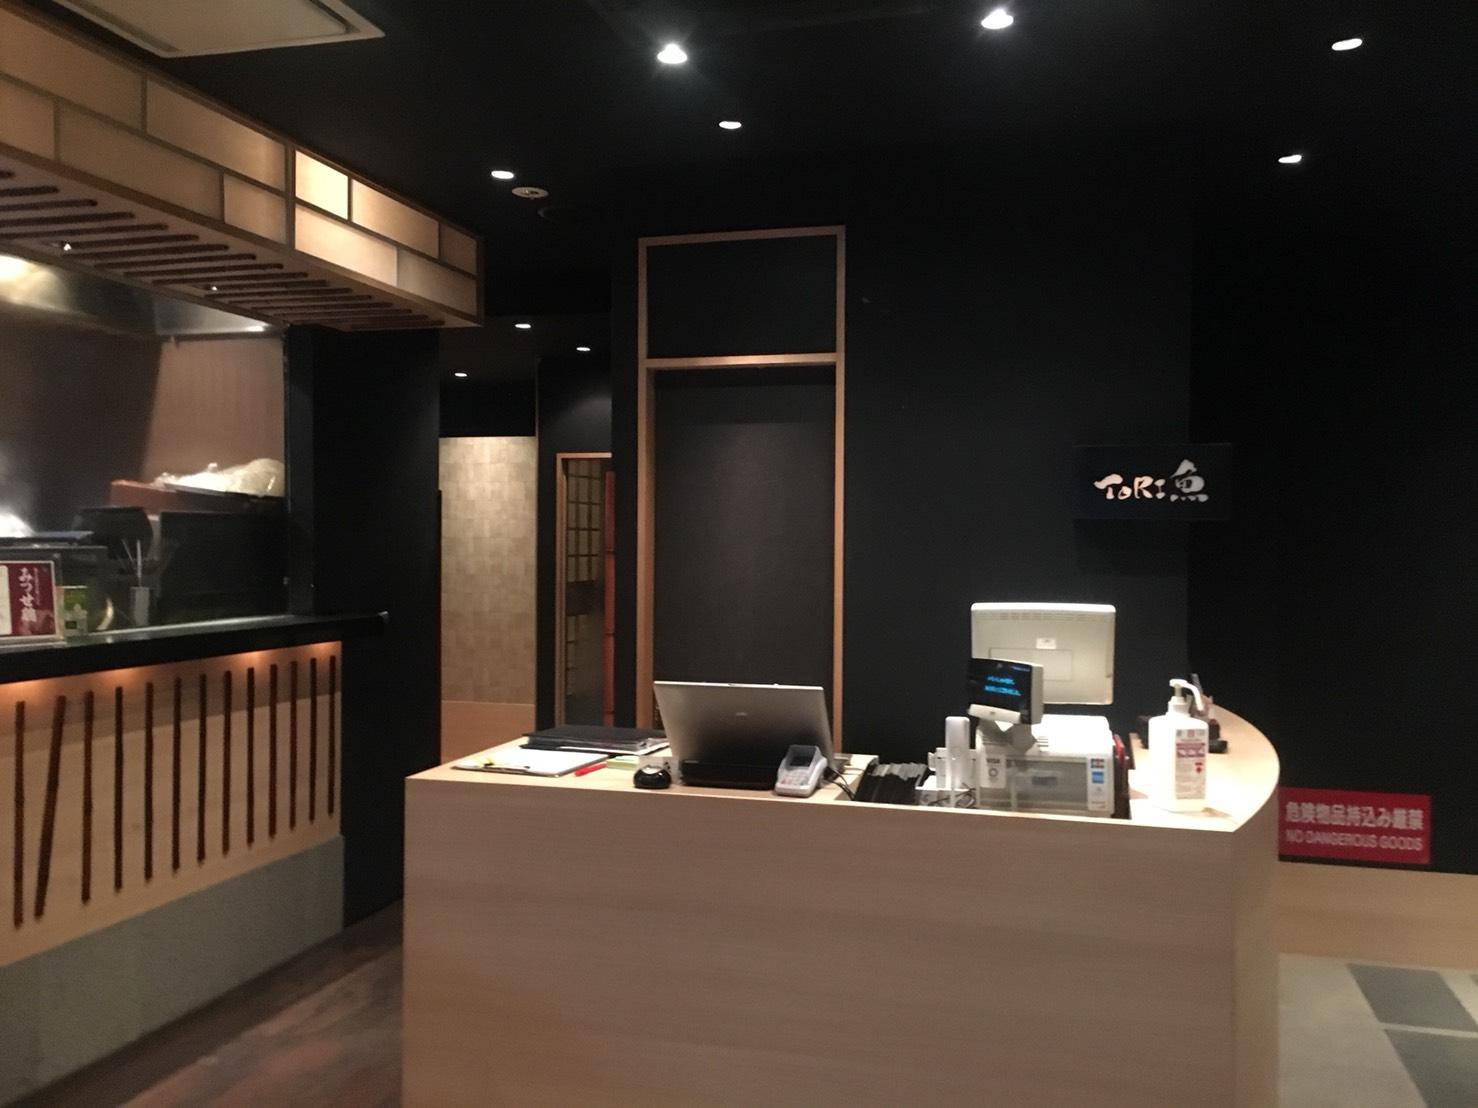 【池袋駅】落ち着いた少人数個室が使いやすい!九州料理もクオリティ高めの「TORI魚 池袋本店」の店内1